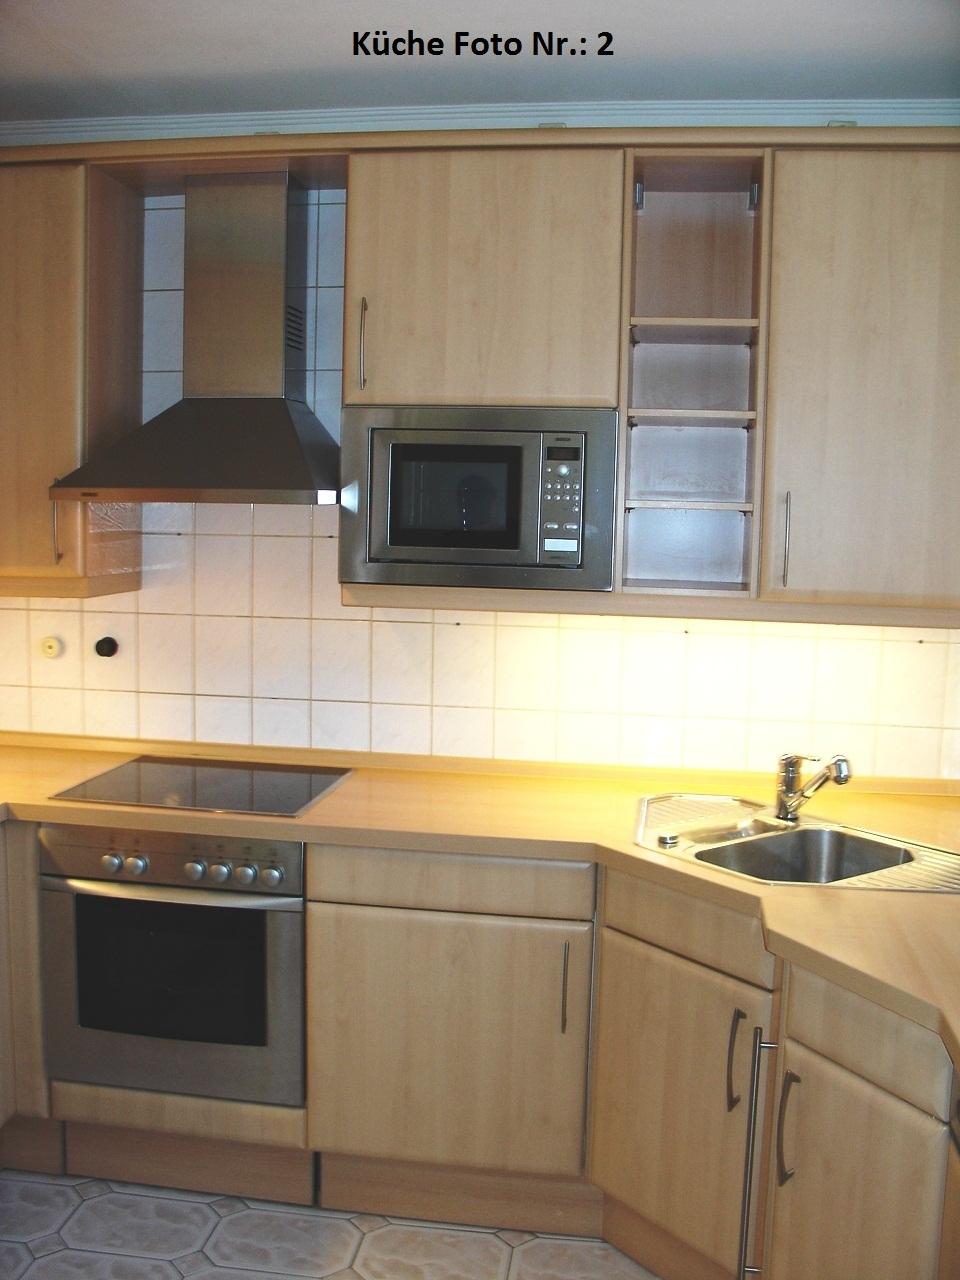 Full Size of Wie Viel Ist Eine Gebrauchte Einbauküche Wert Suche Gebrauchte Einbauküche Gebrauchte Einbauküche Kaufen Gebrauchte Einbauküche In Duisburg Küche Gebrauchte Einbauküche